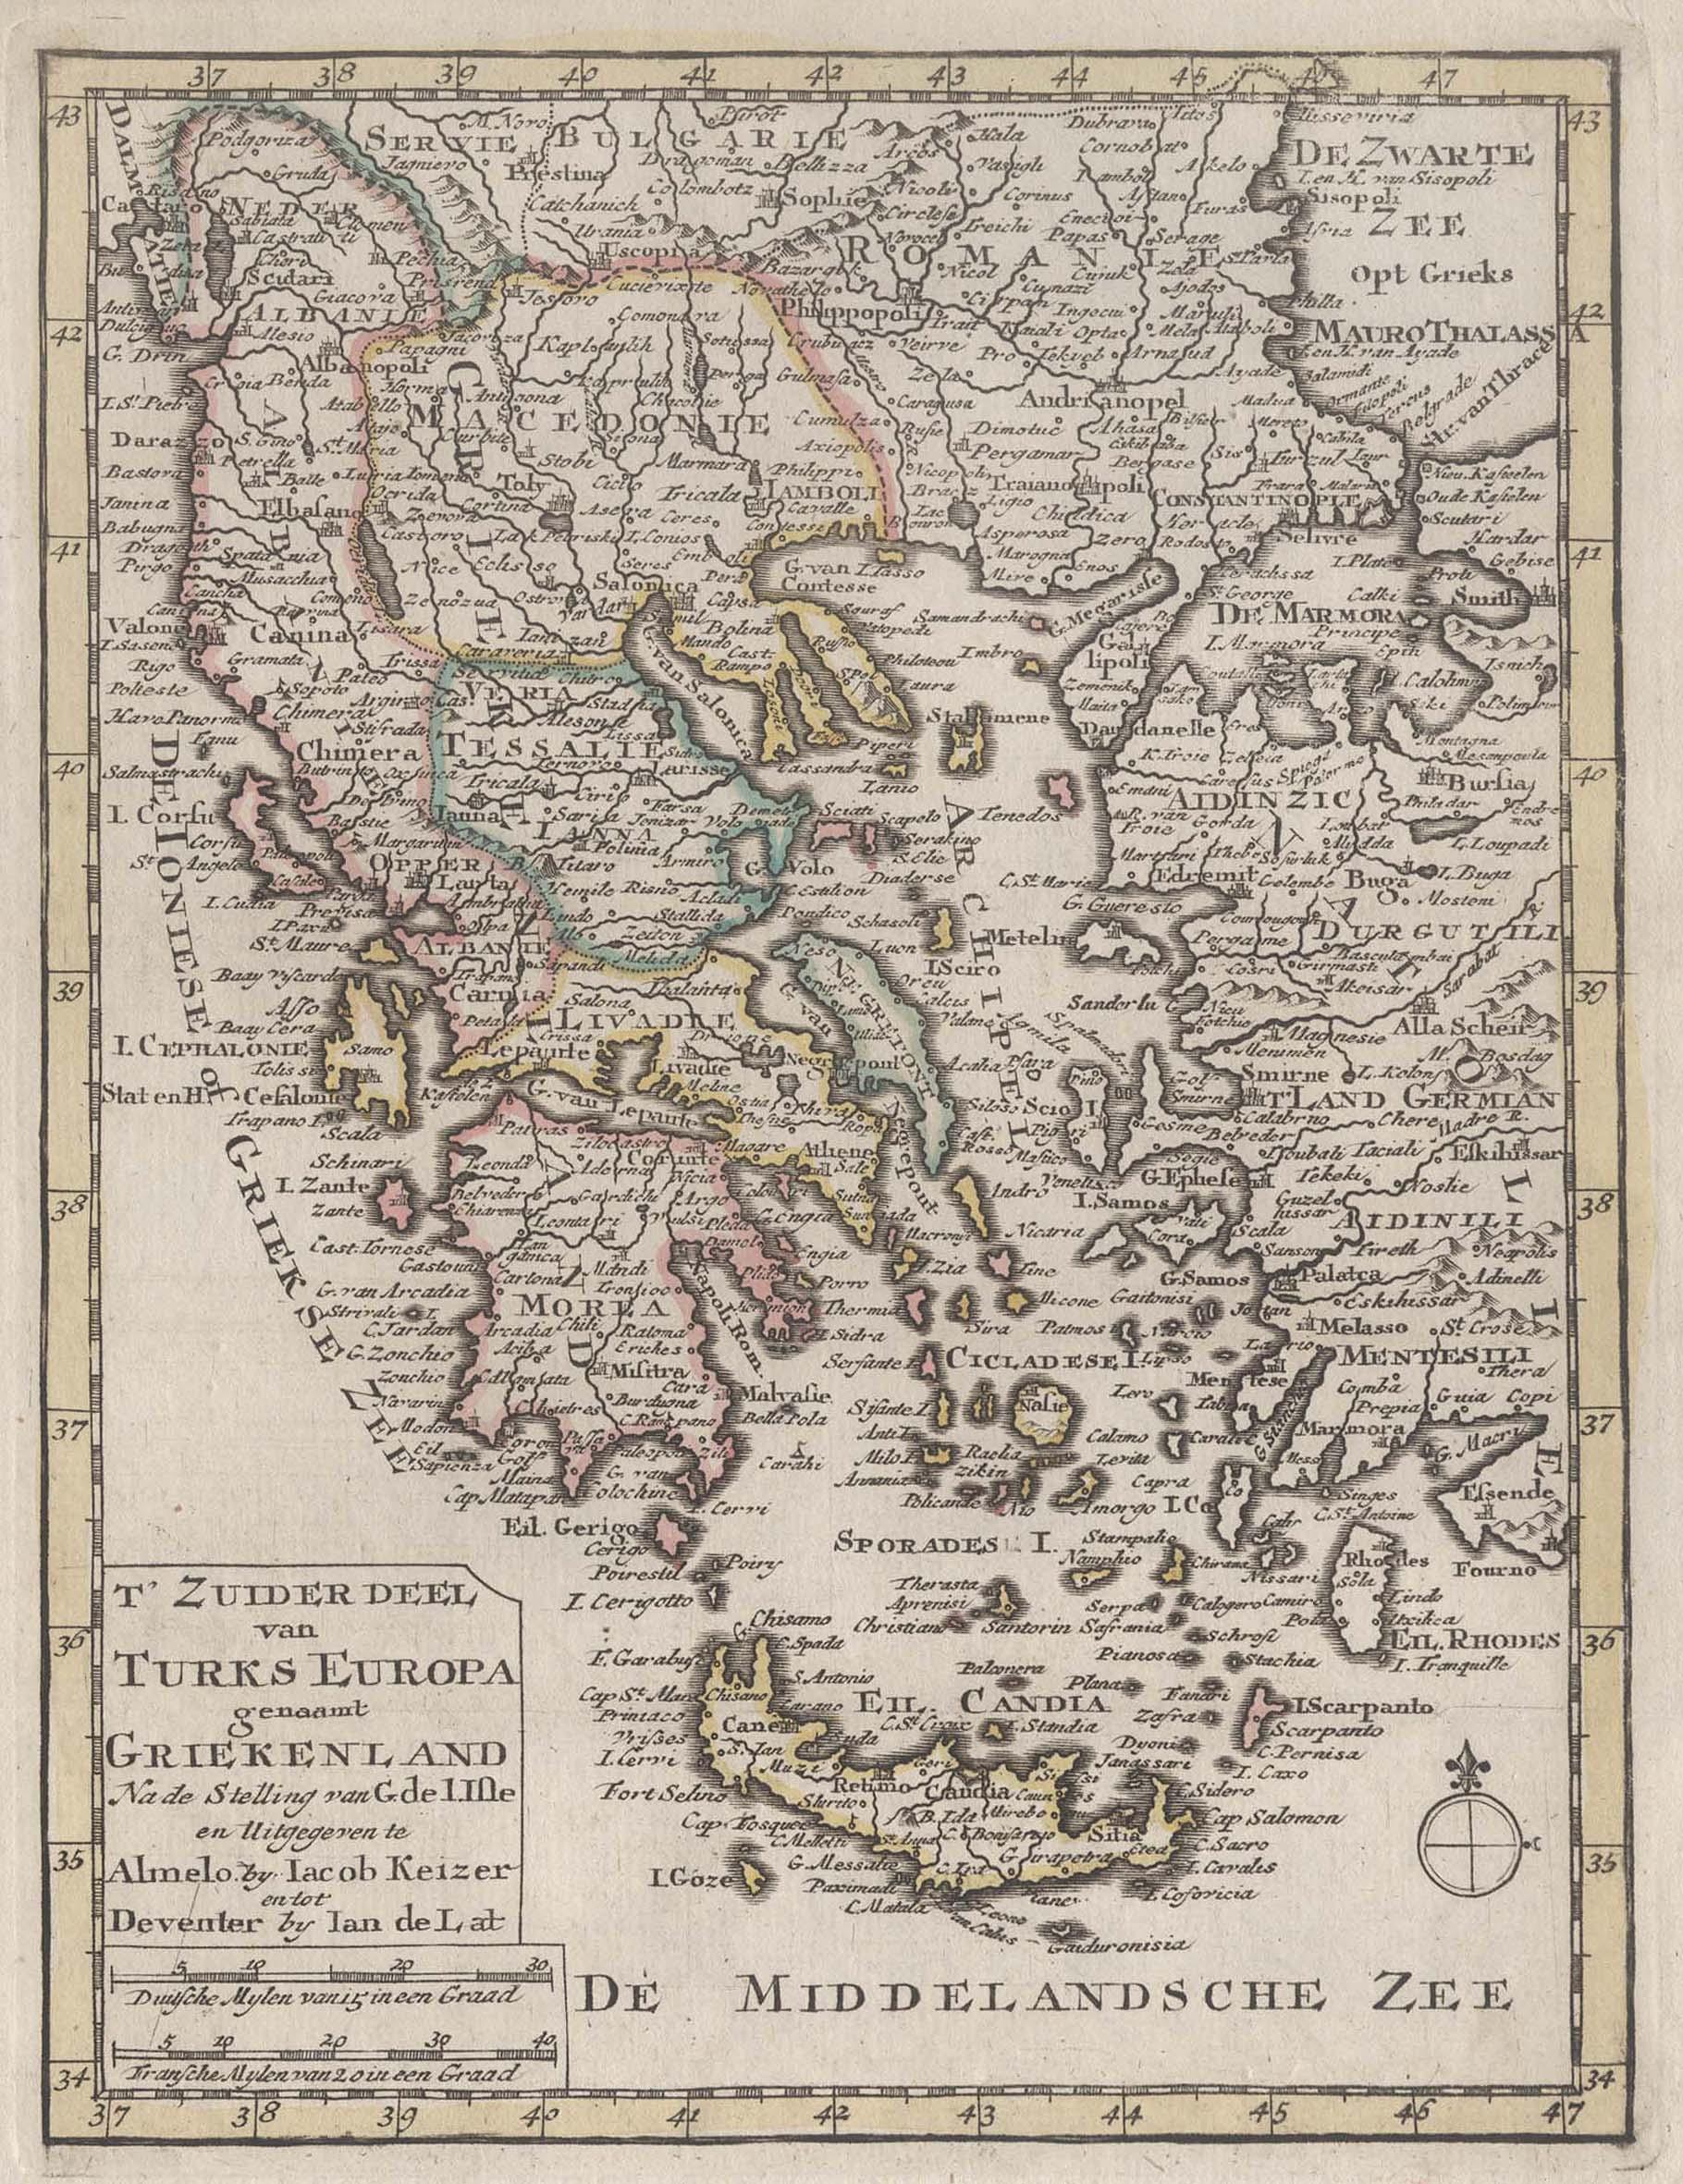 Kst.- Karte, n. J. Keizer u. Jan: Griechenland ( Greece